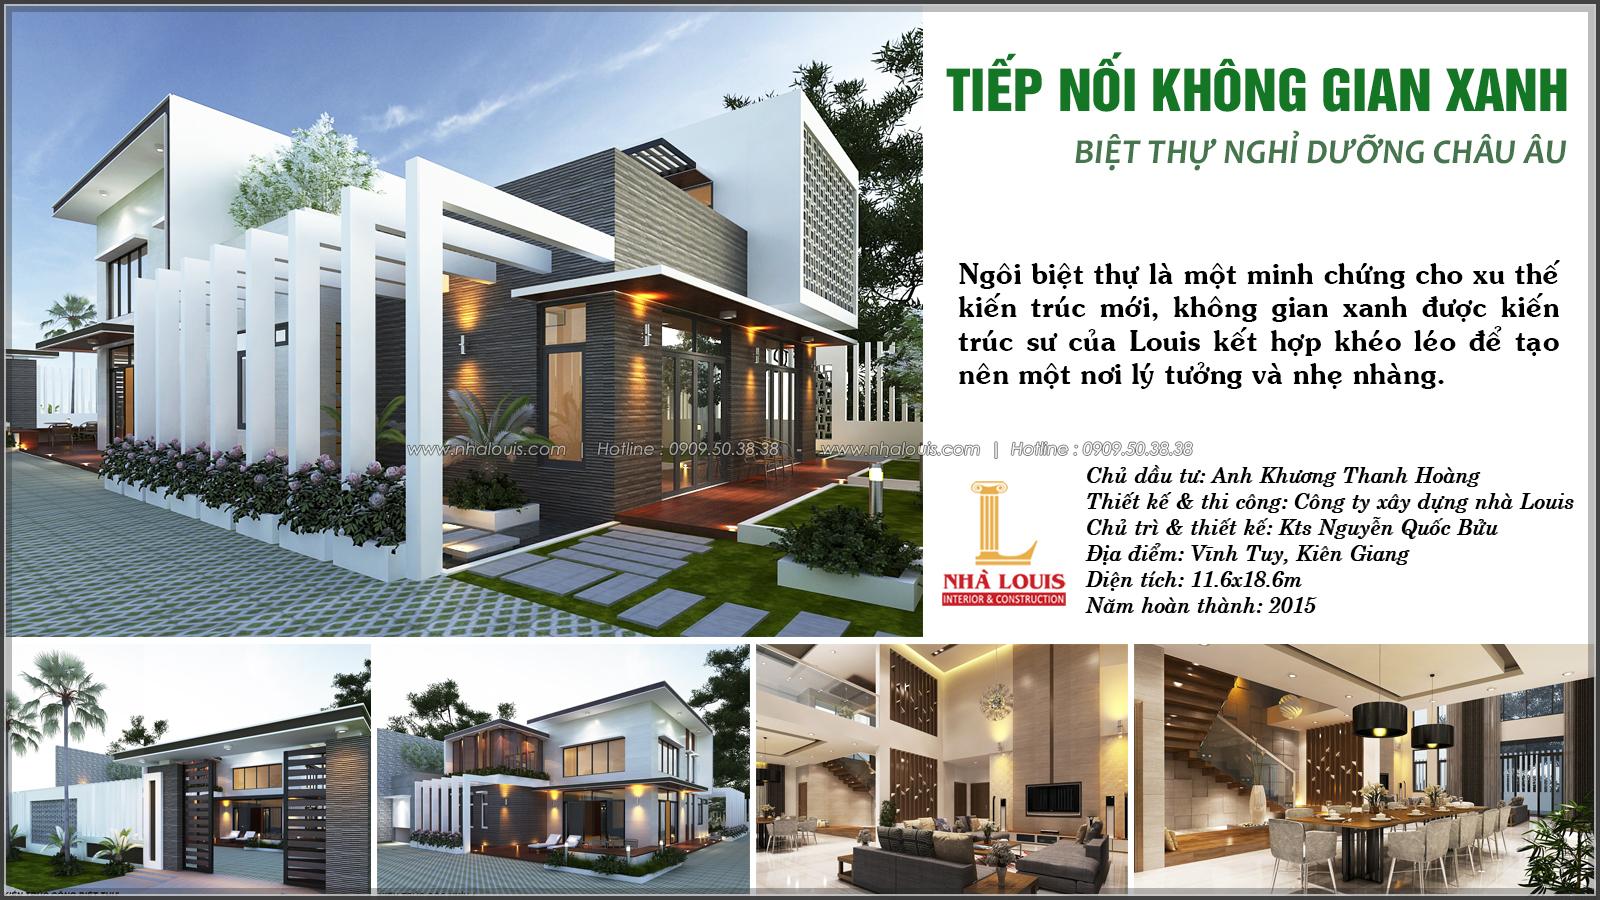 Thiết kế biệt thự nhà vườn 2 tầng phong cách Châu Âu tại Kiên Giang - 1